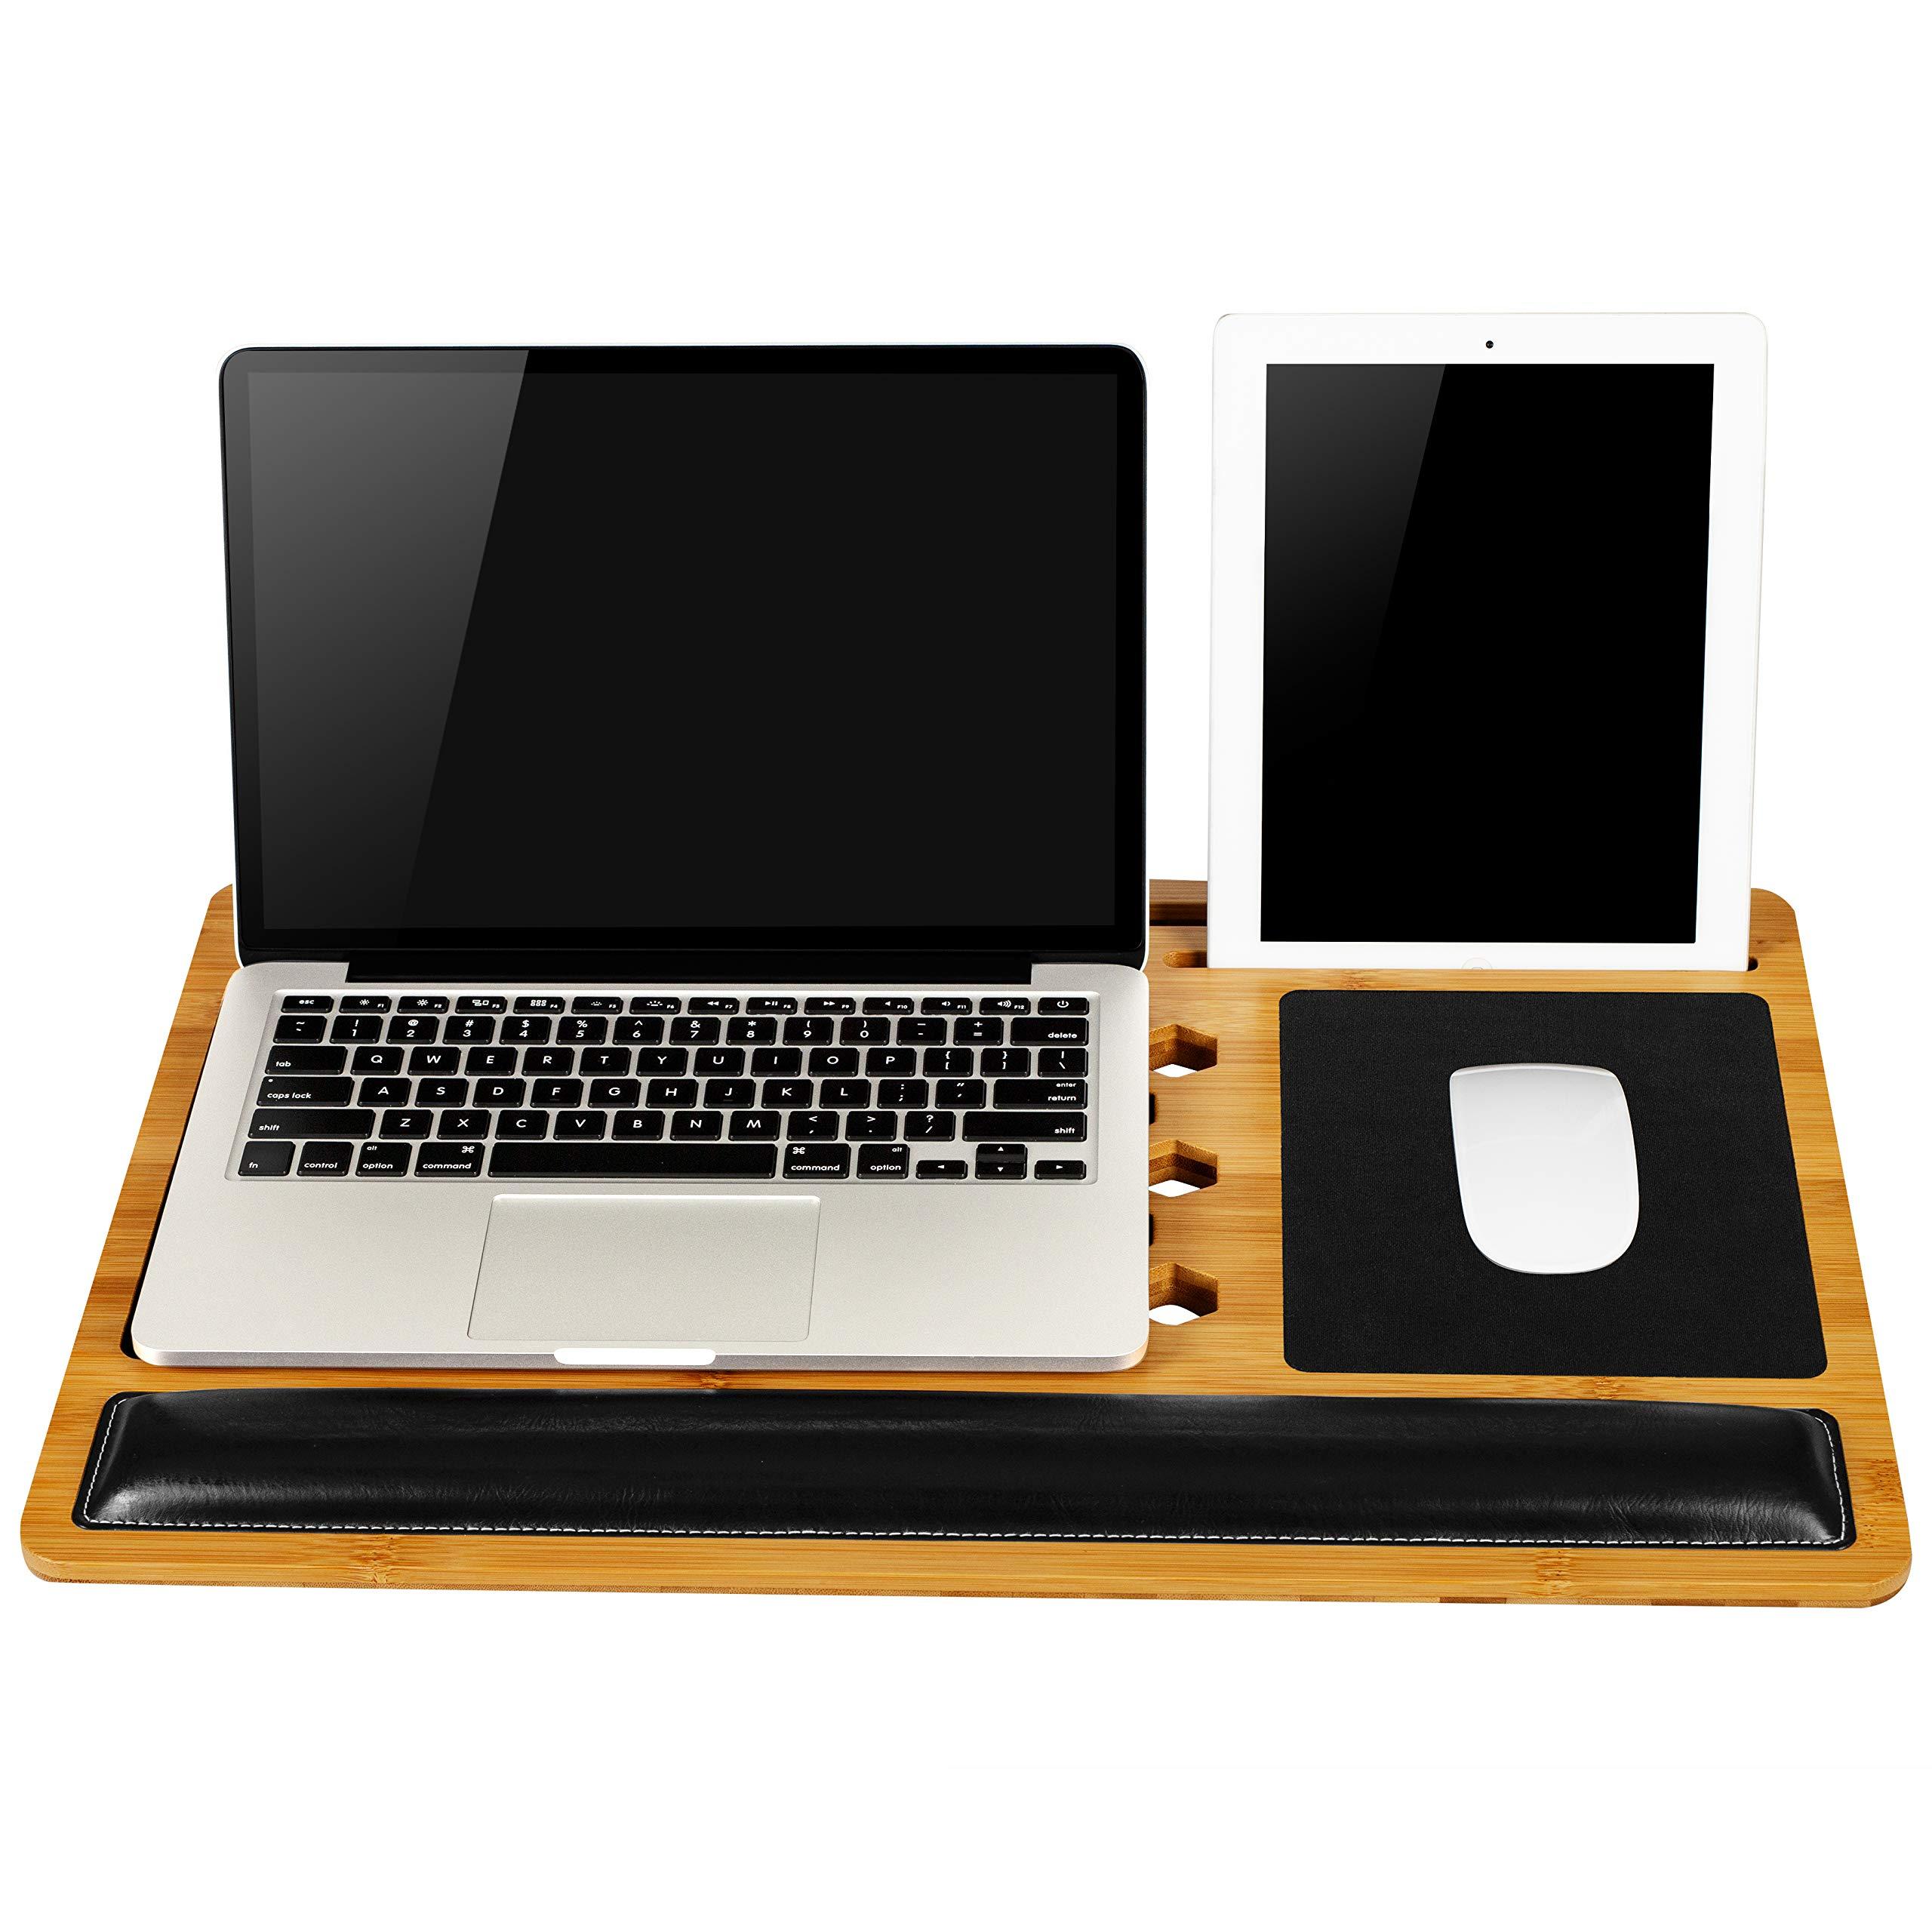 LapGear Bamboard Pro Lap Desk (Fits Most 17.3'' Laptops) - Style #77101